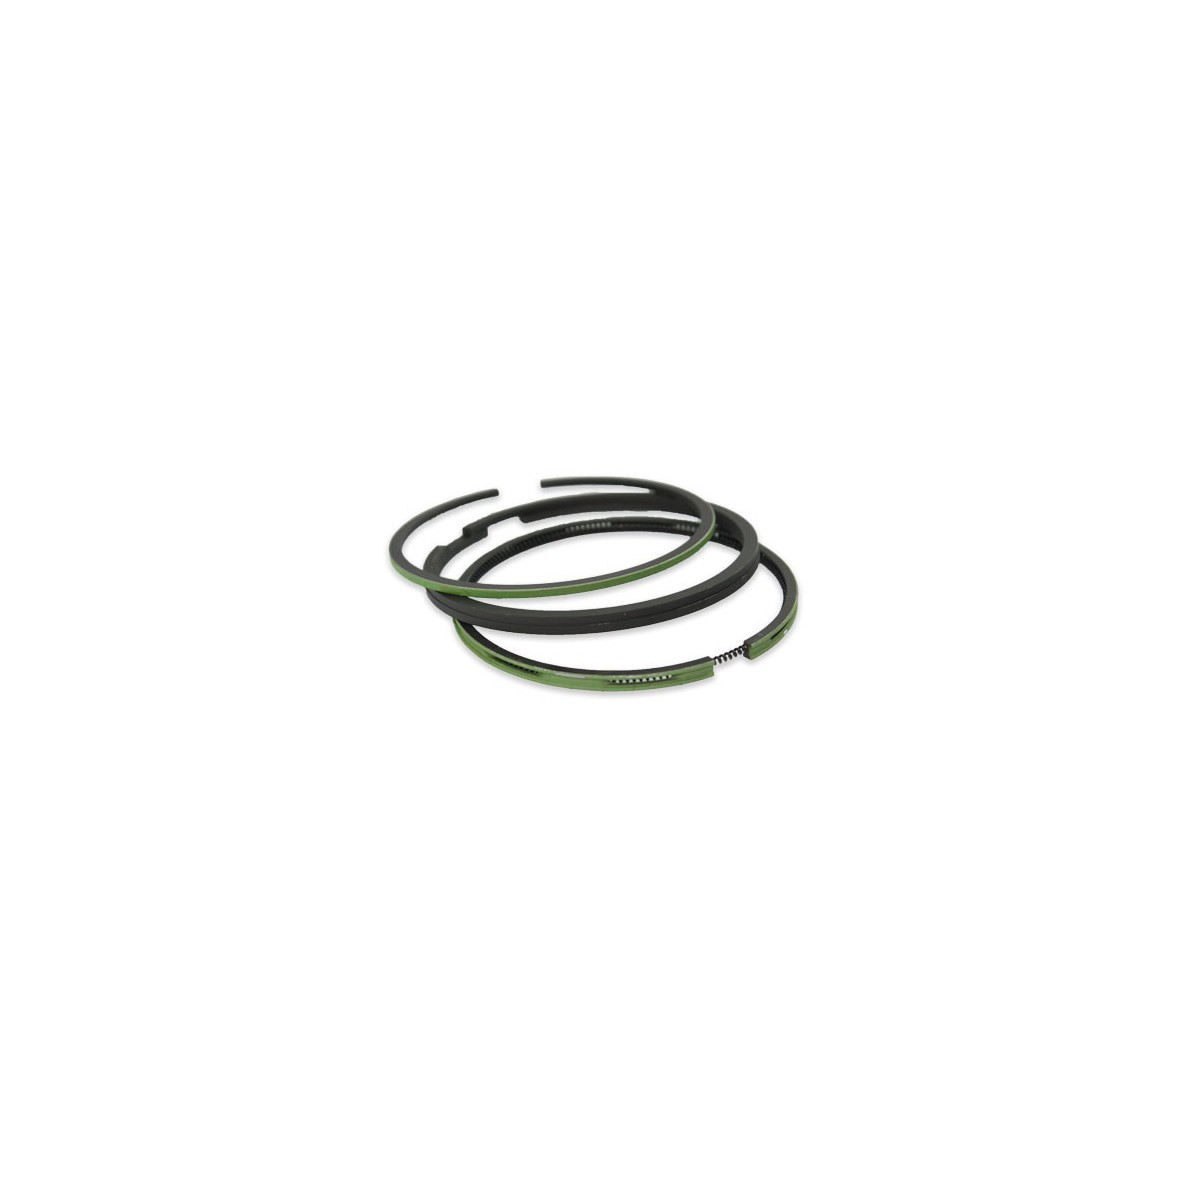 Piston Ring Set Yanmar YM2200 724550-22501 90:2.5 x  2.5 x  2.5 x 4.5 STD